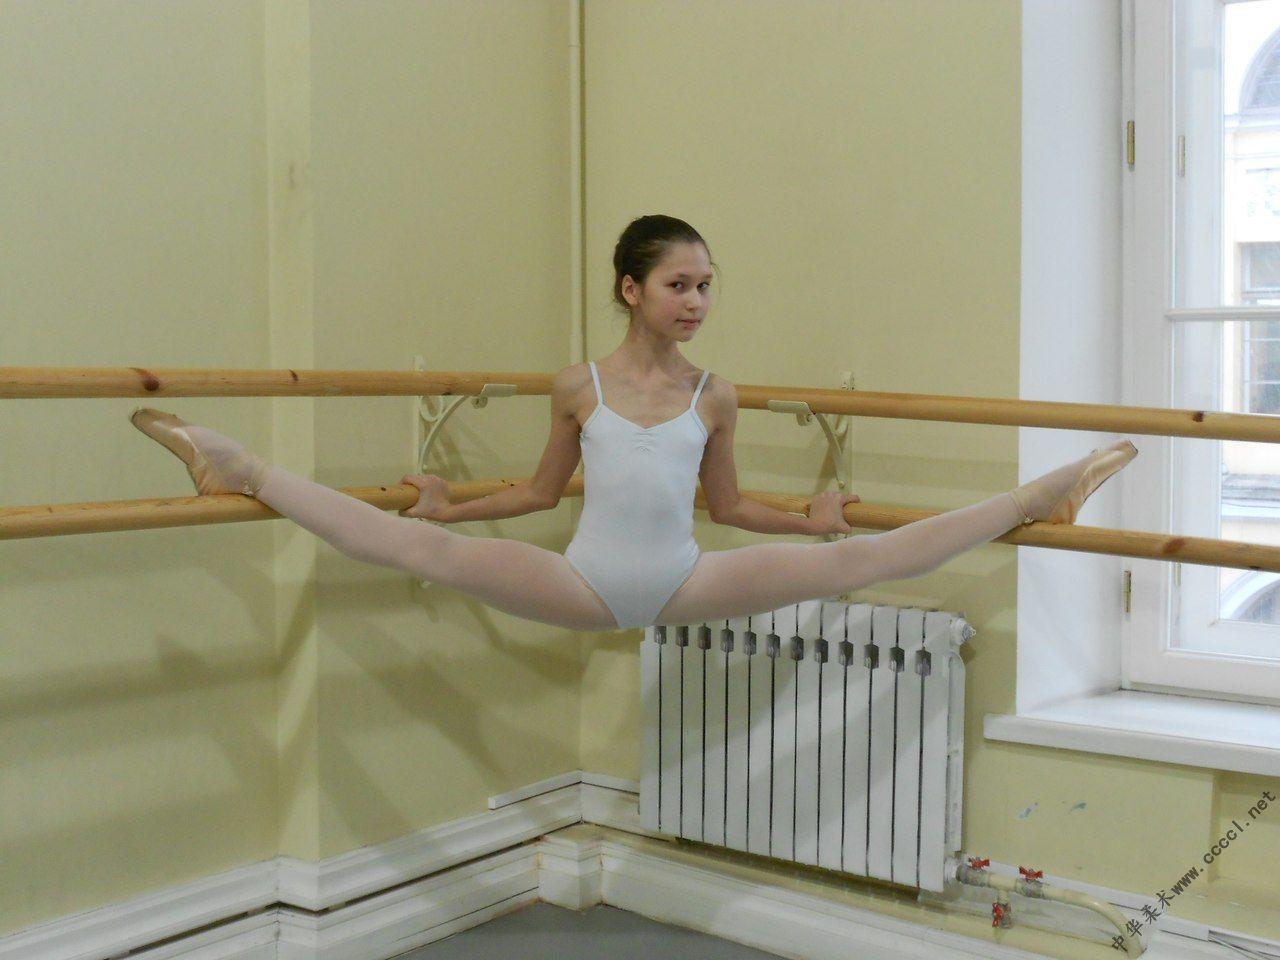 国外舞蹈女孩的唯美写真